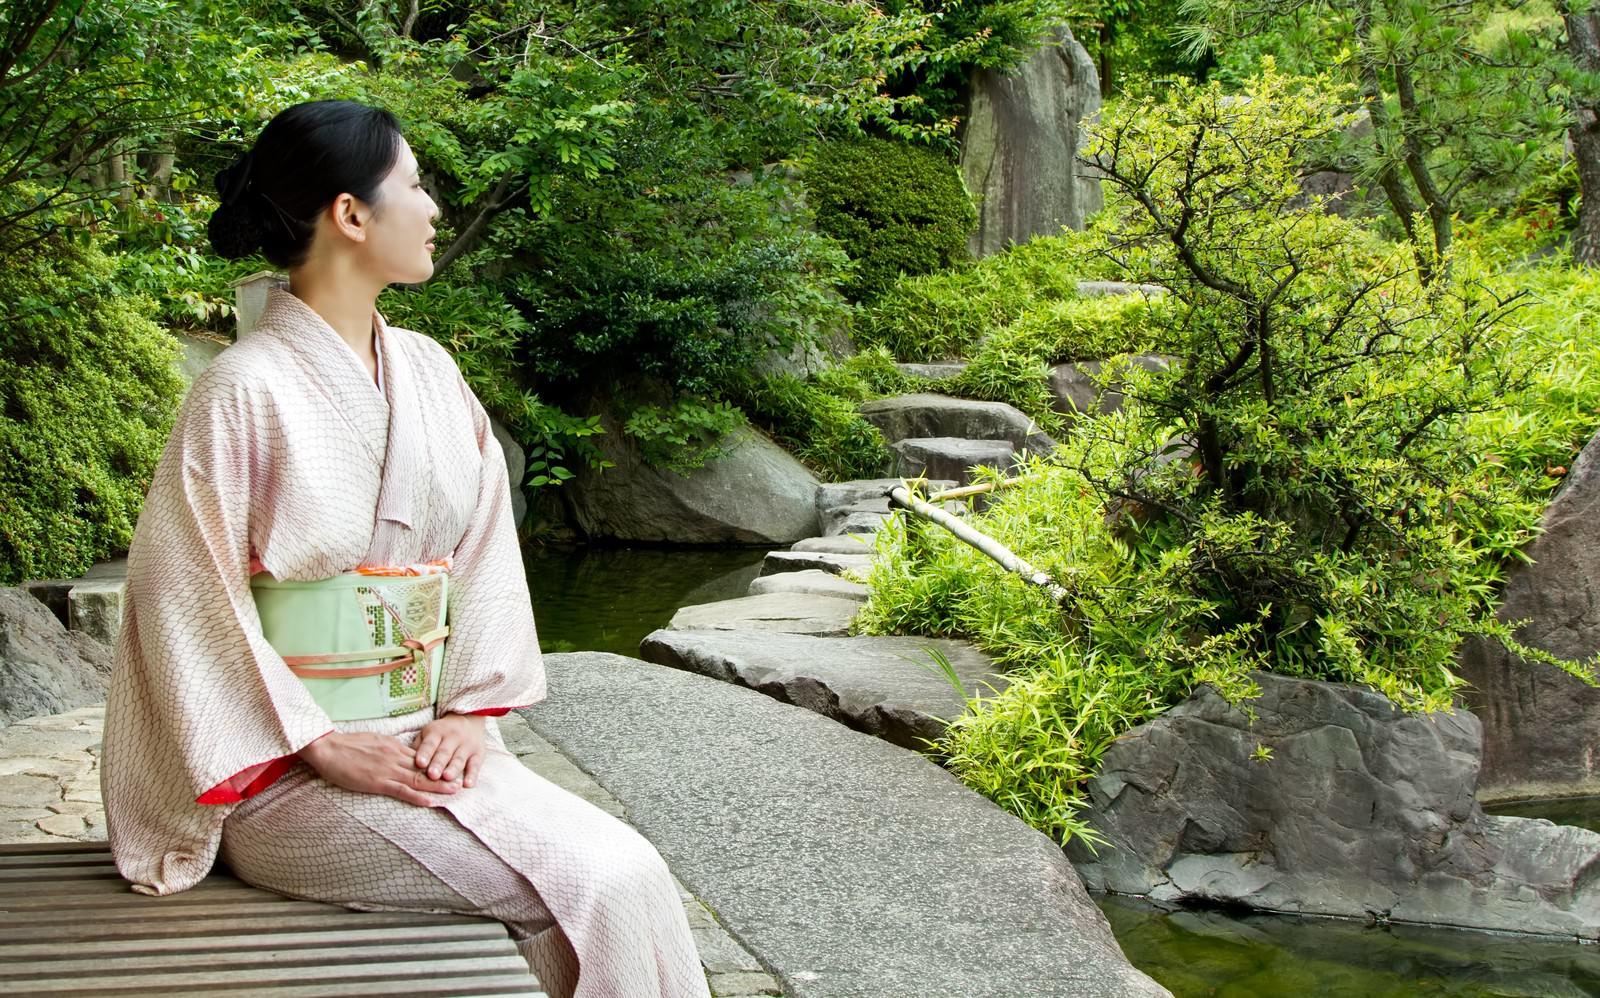 「庭のベンチに座る着物の女性」の写真[モデル:きせんひろみ]